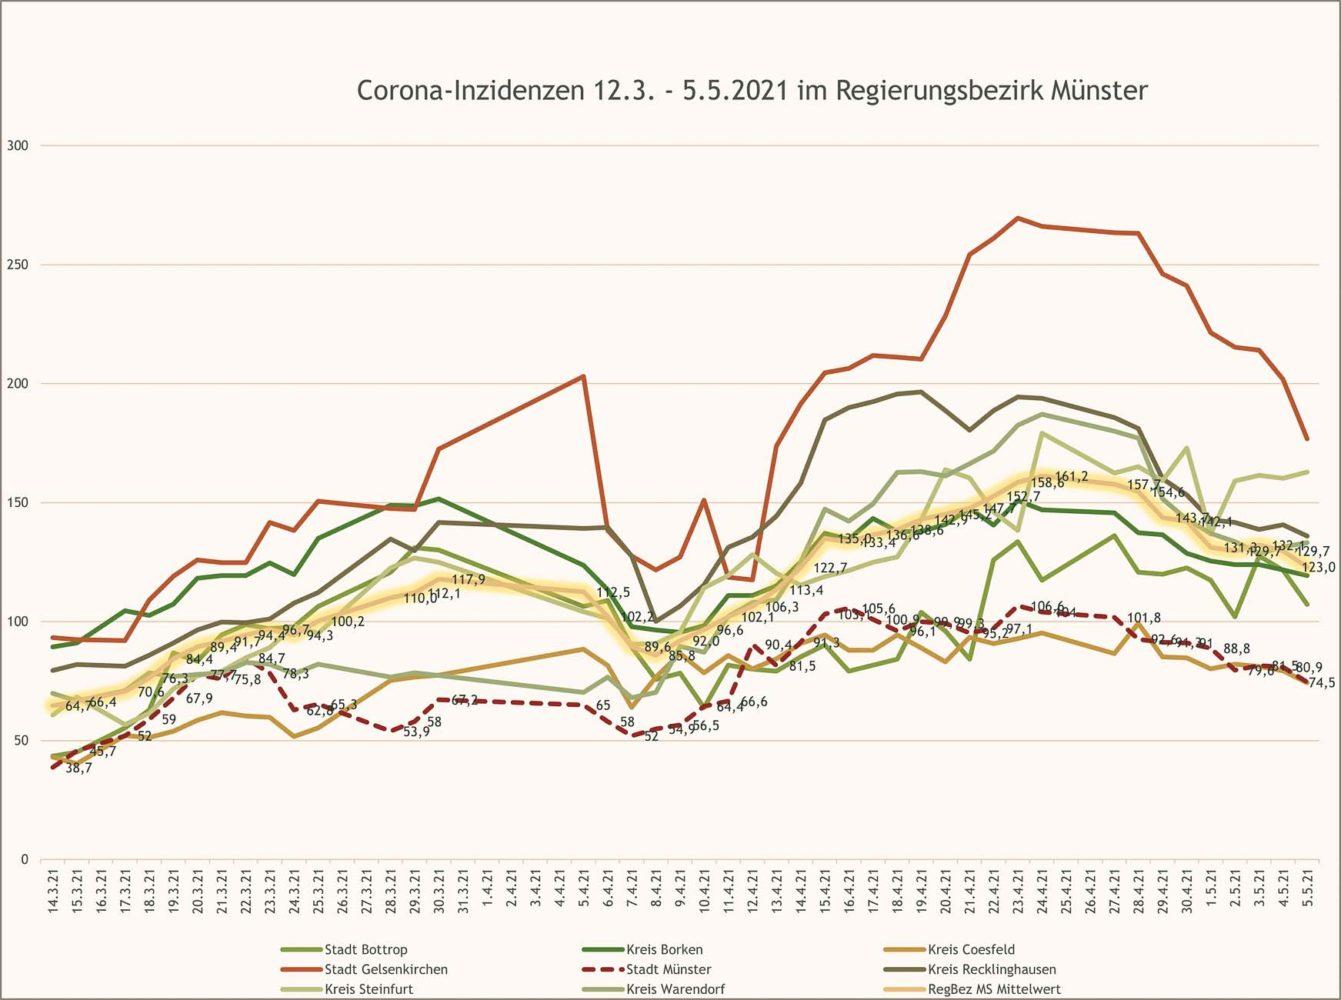 Corona-Inzidenzen 12.3. - 5.5.2021 im Regierungsbezirk Münster